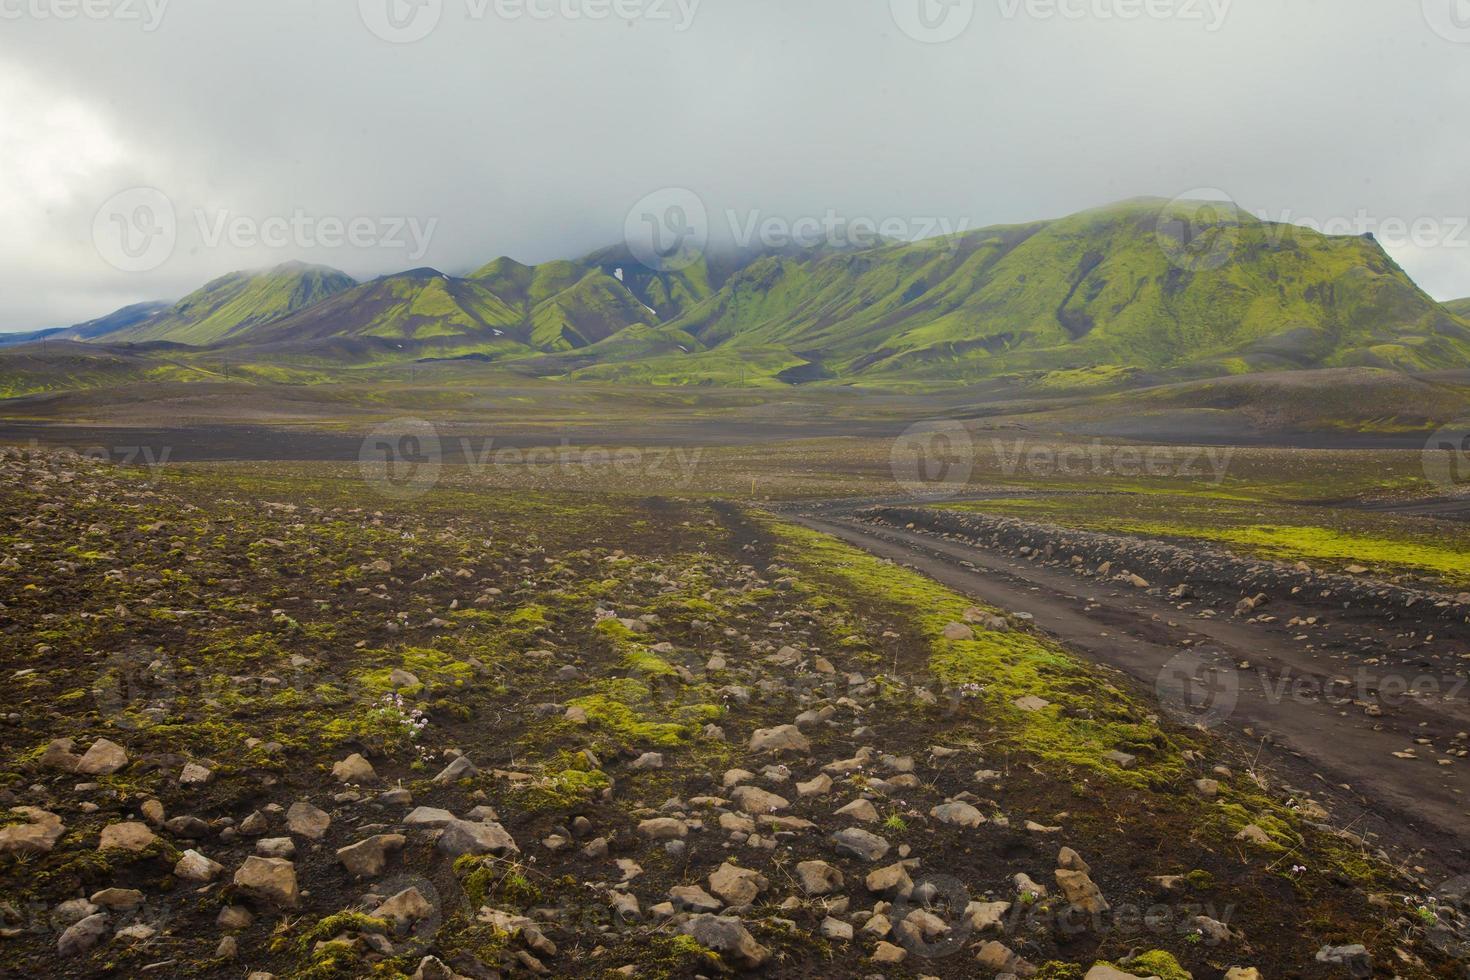 Famous icelandic hiking hub landmannalaugar colorful mountains landscape view, Iceland photo